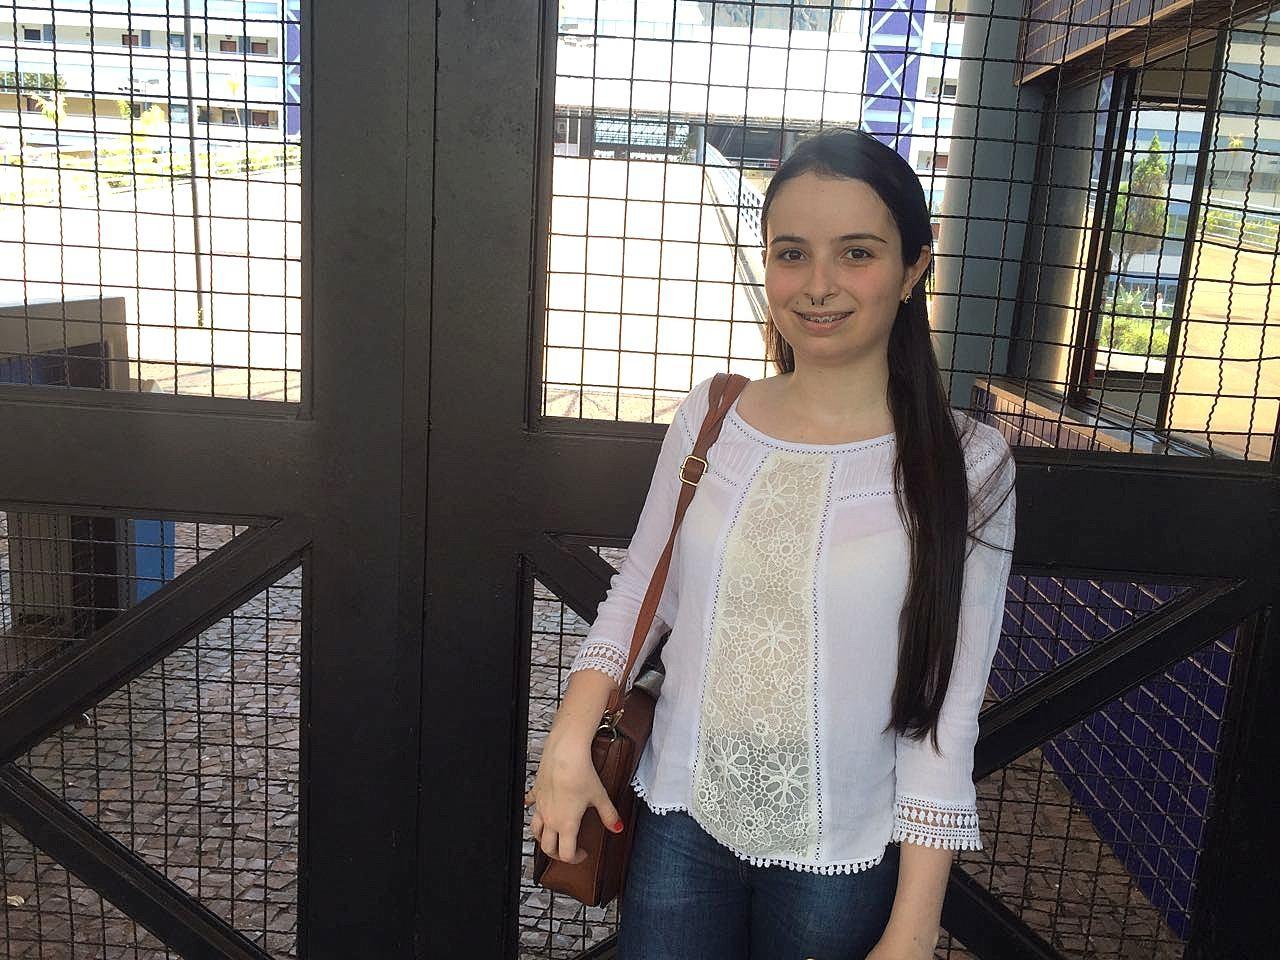 Primeira candidata a chegar ao local da prova da Unesp em Araraquara sonha em atuar em missão humanitária